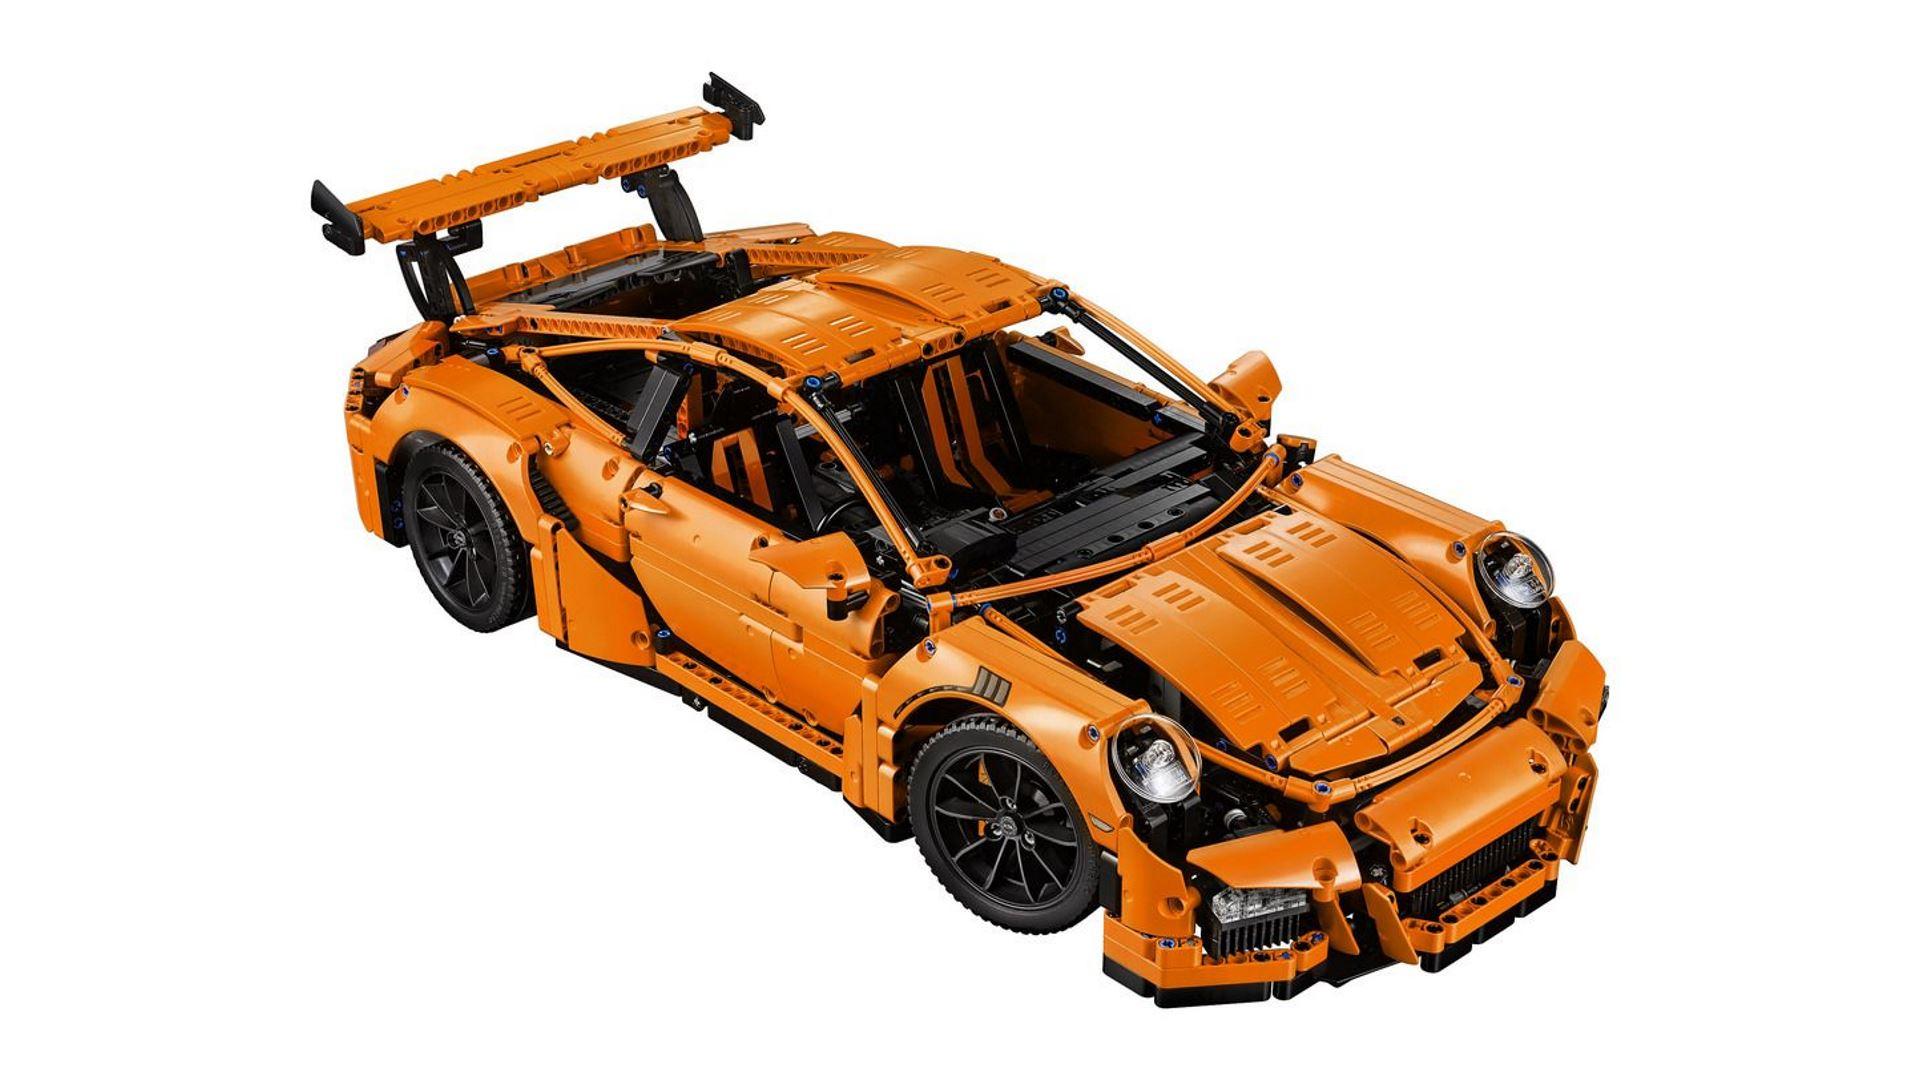 На иллюстрации изображена модель конструктора Lepin Technics Porsche 911 GT3 RS в сборке